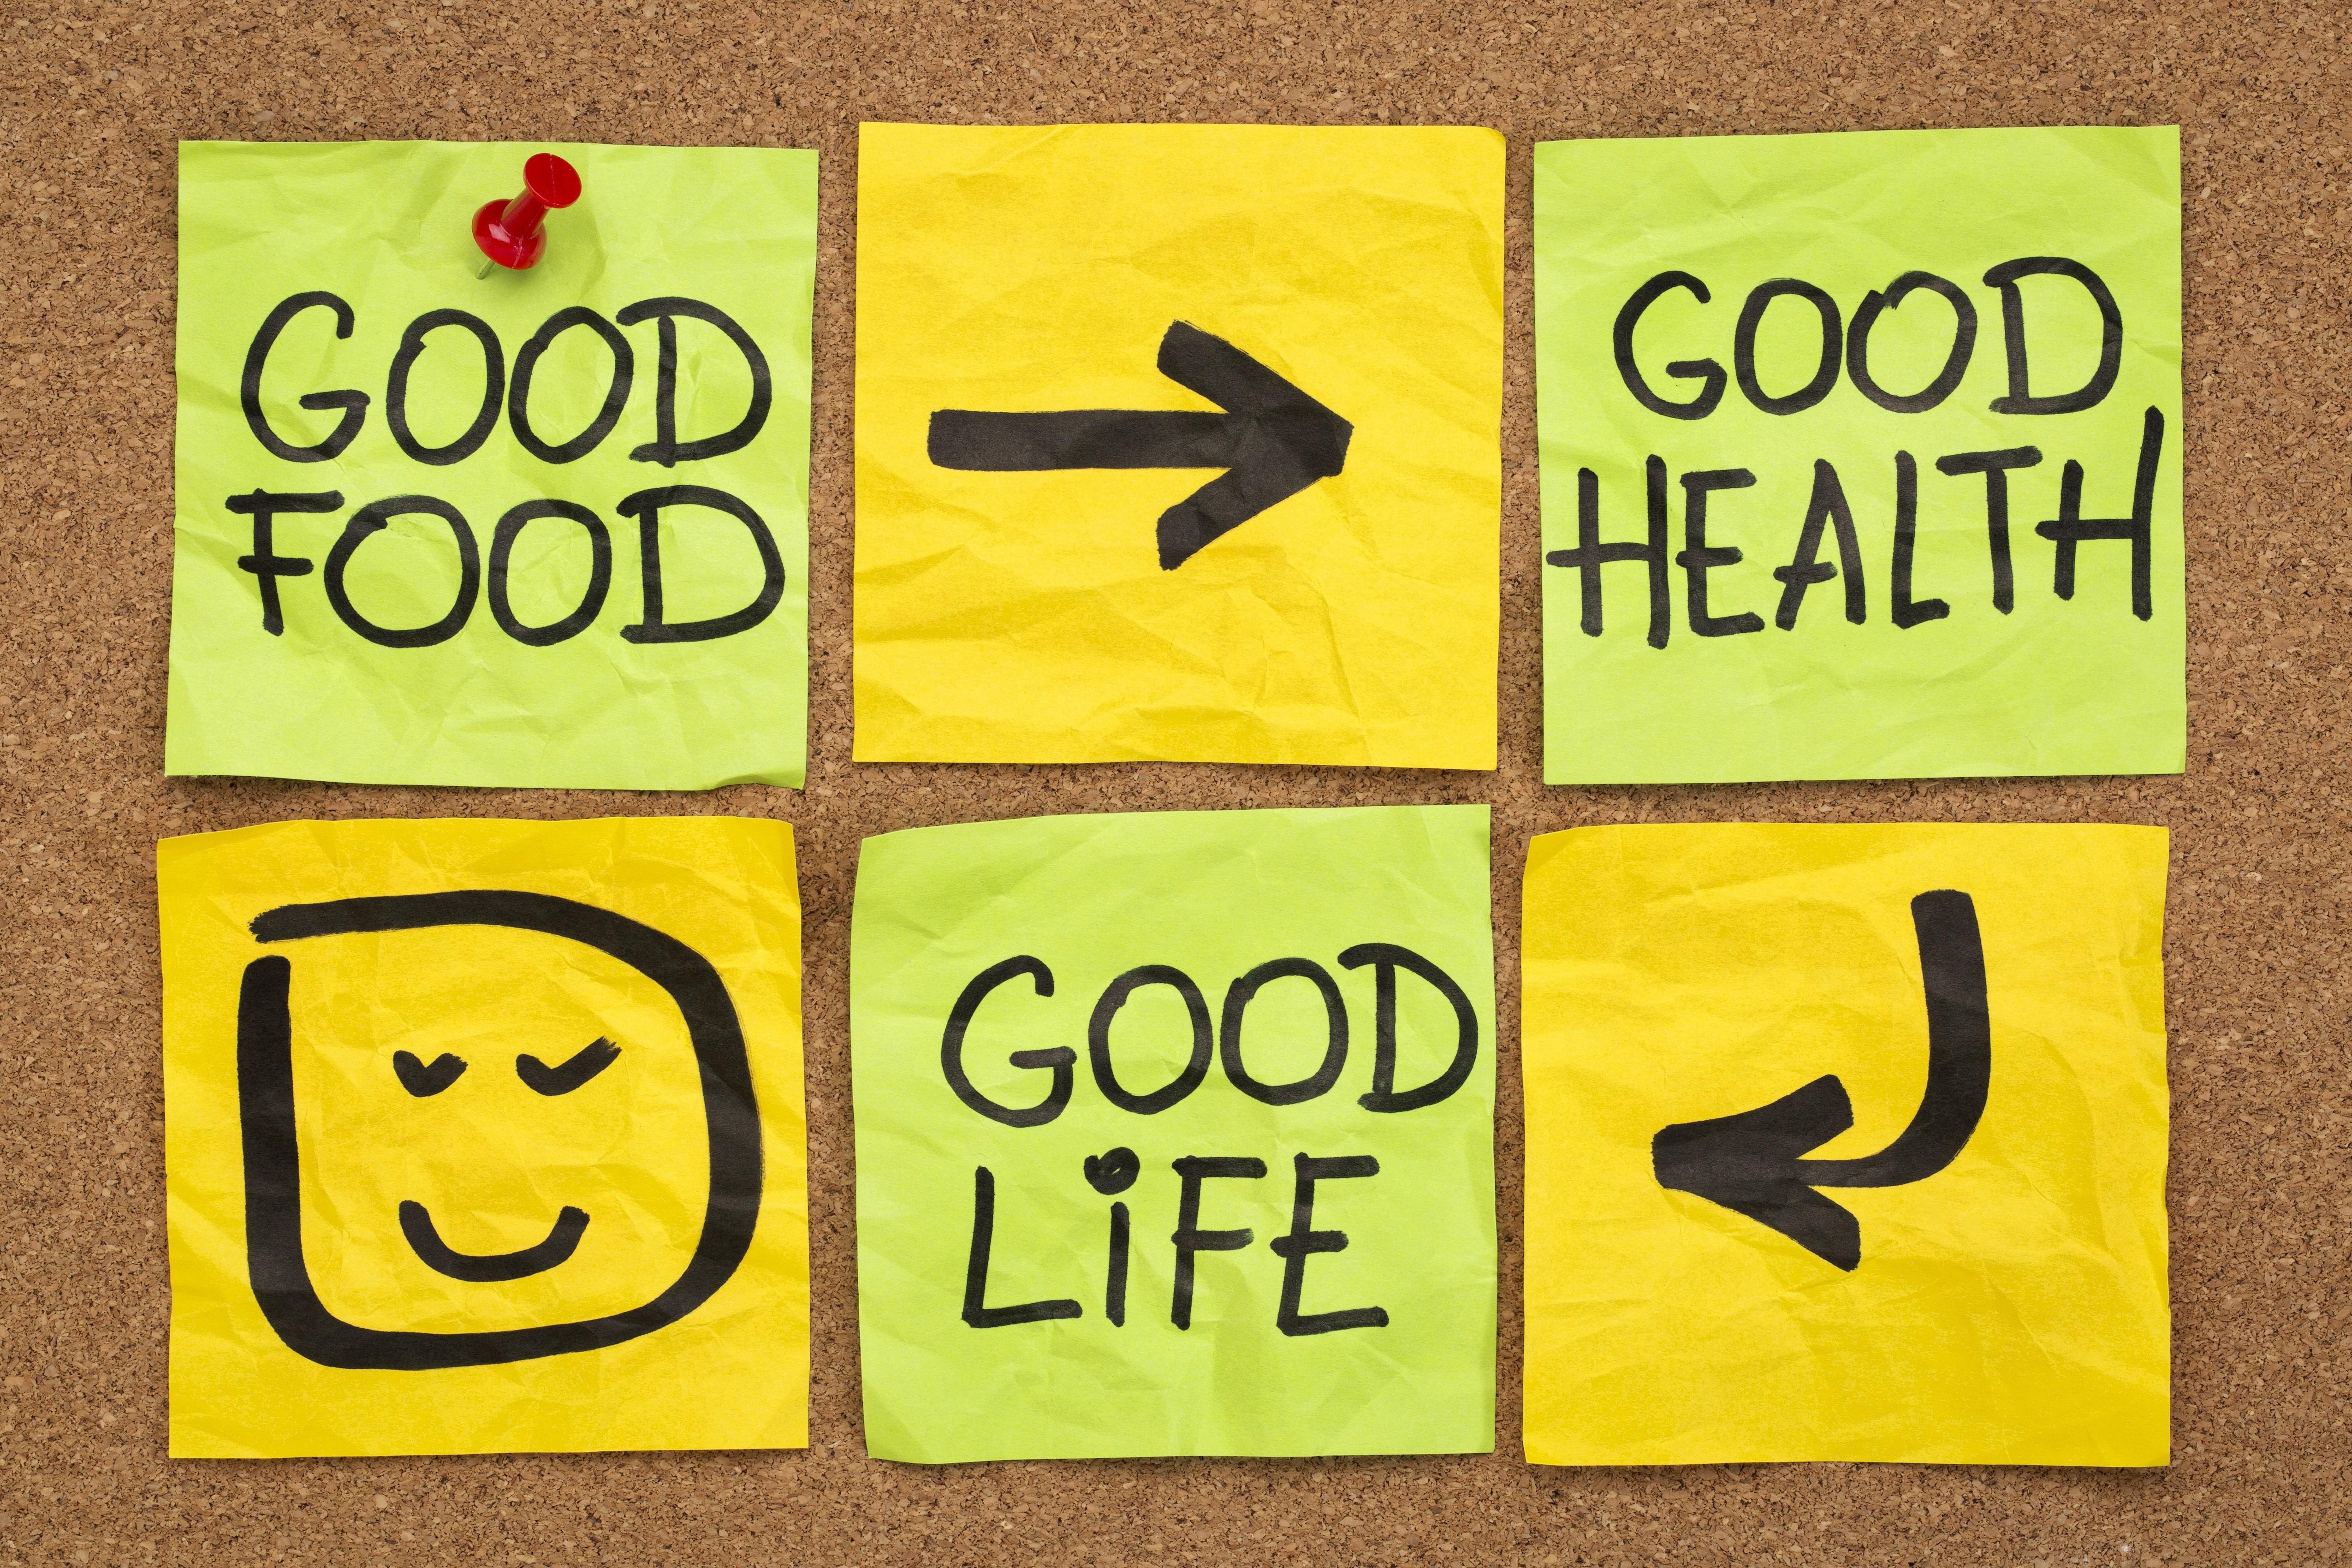 Comida Boa, Saúde Boa, Vida Boa